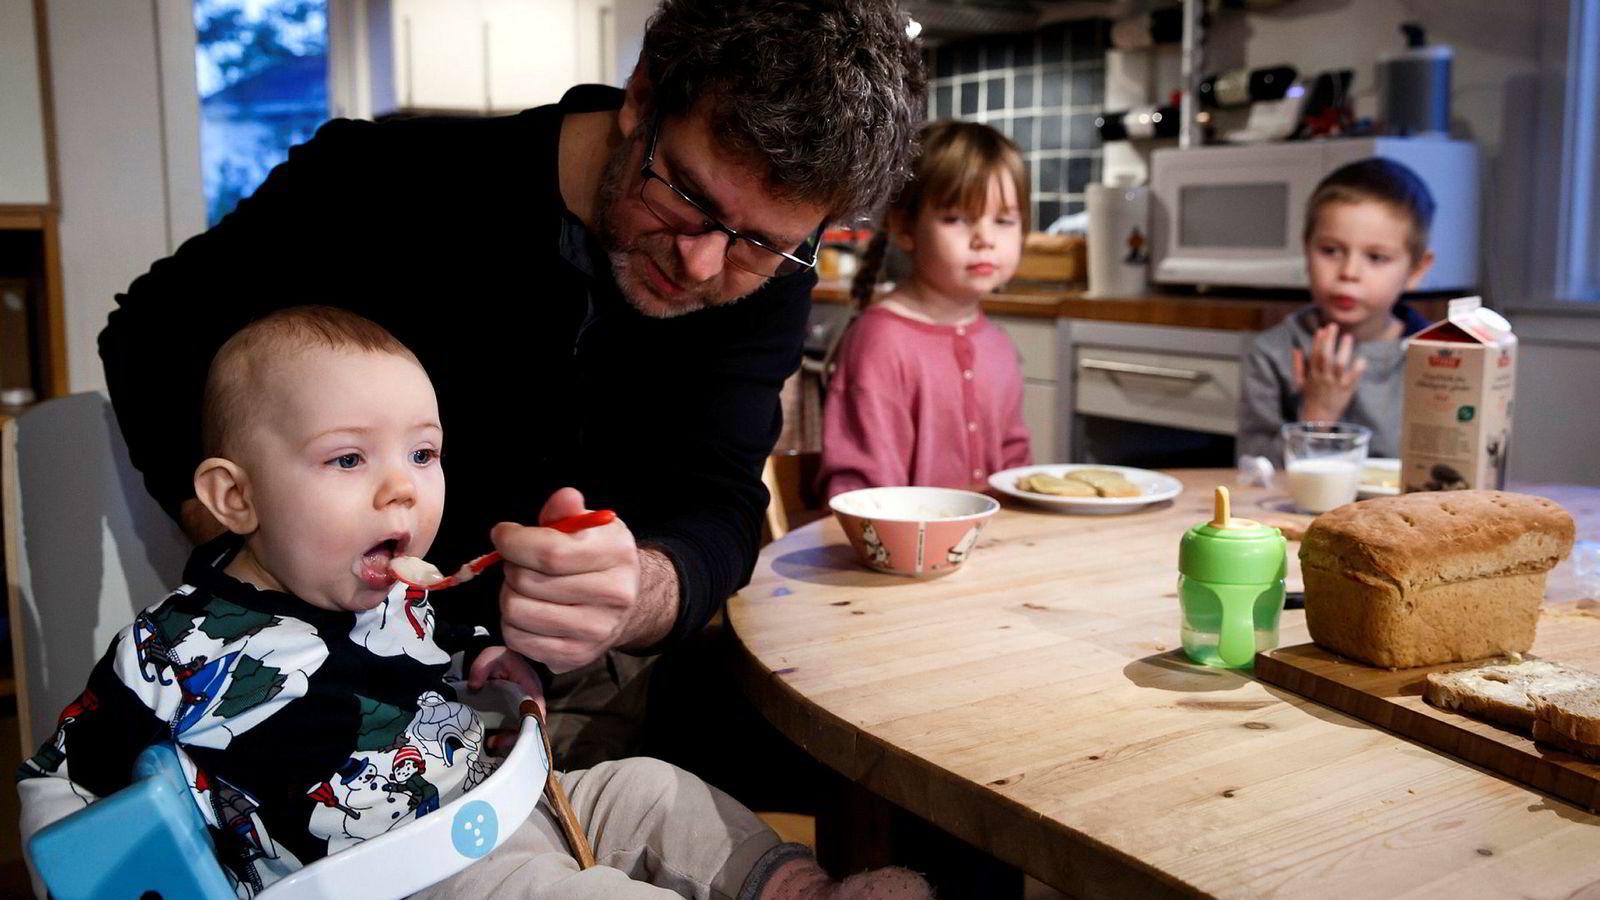 Norske fedre støtter opp om fedrekvoten – den har vist seg sterkt normdannende. At fedrekvoten har betydning bør det rett og slett være svært liten tvil om, skriver artikkelforfatterne.